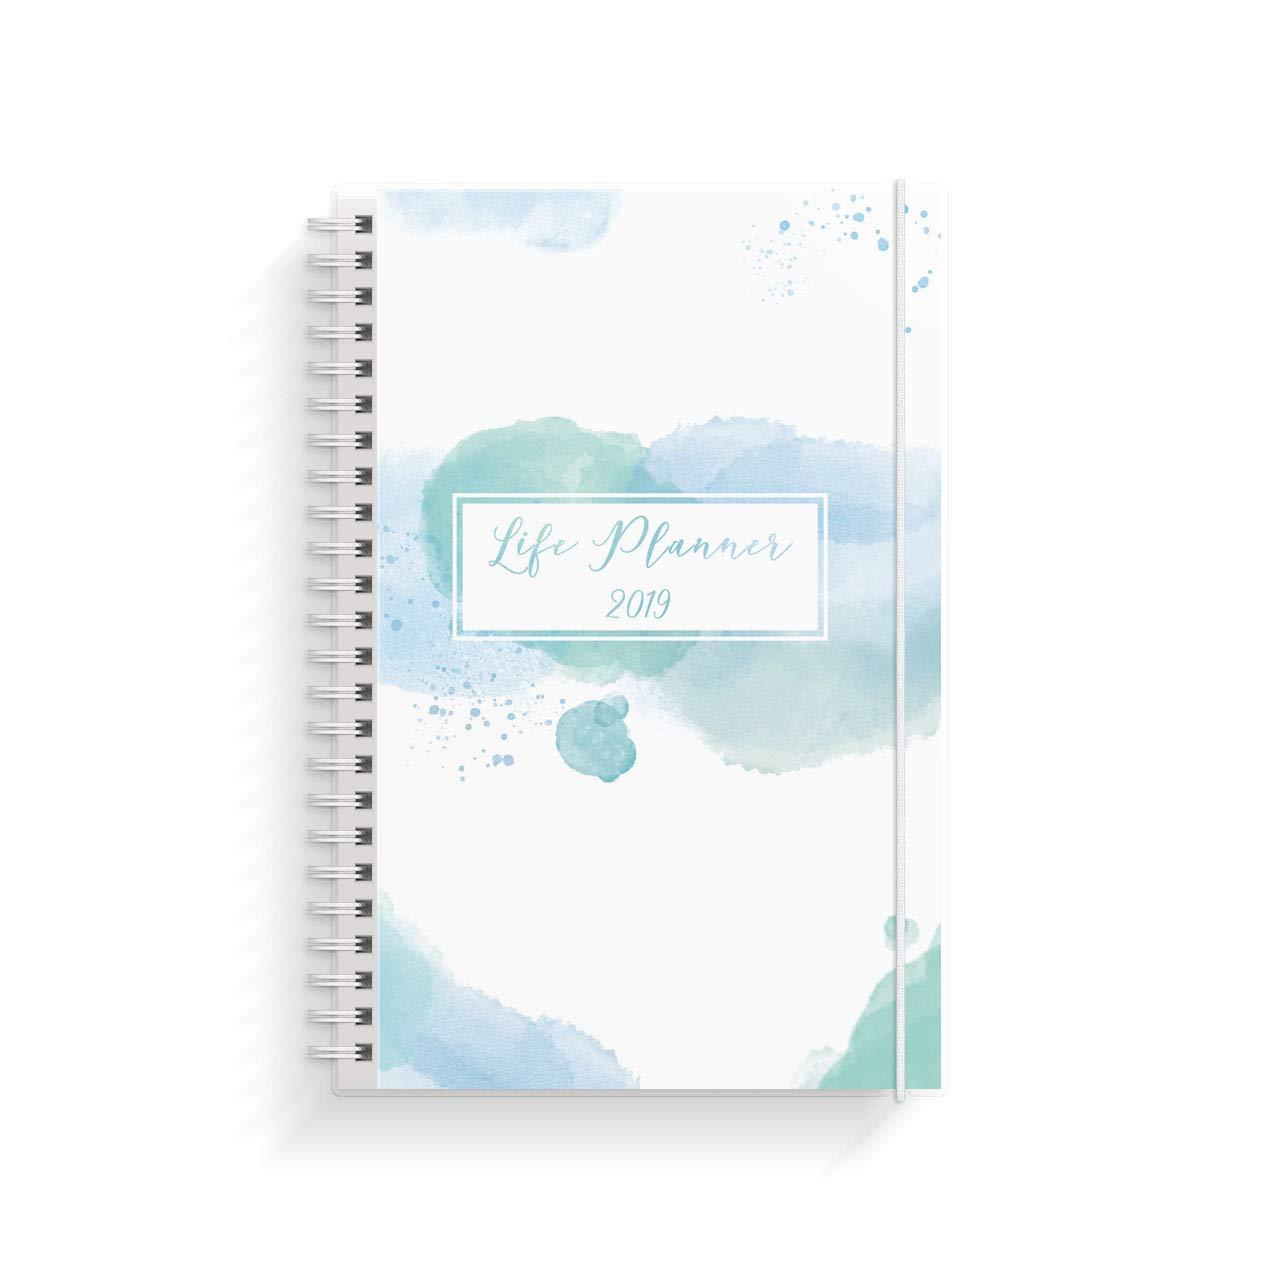 Tagebuch Organisieren mit Stil 2019 Life Planner blau A5 Terminplaner Wochenplaner